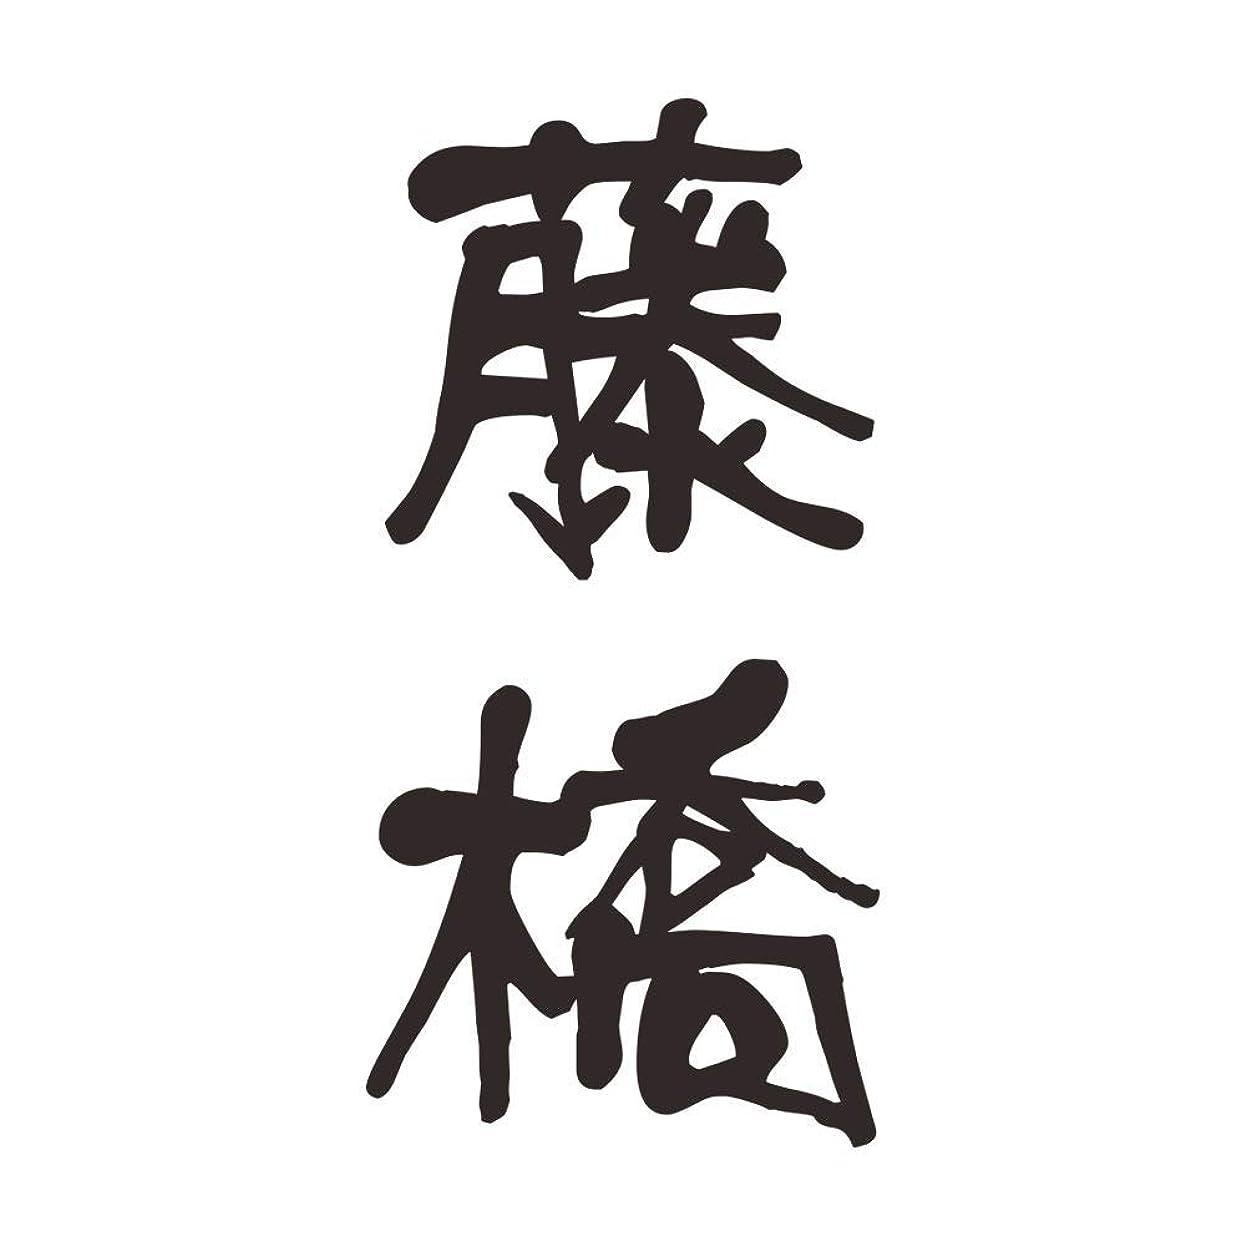 魅力的不名誉軌道1文字から買える 和文ステンレス表札 Mサイズ(約90×90mm) JapanModernism lcsj-01-m